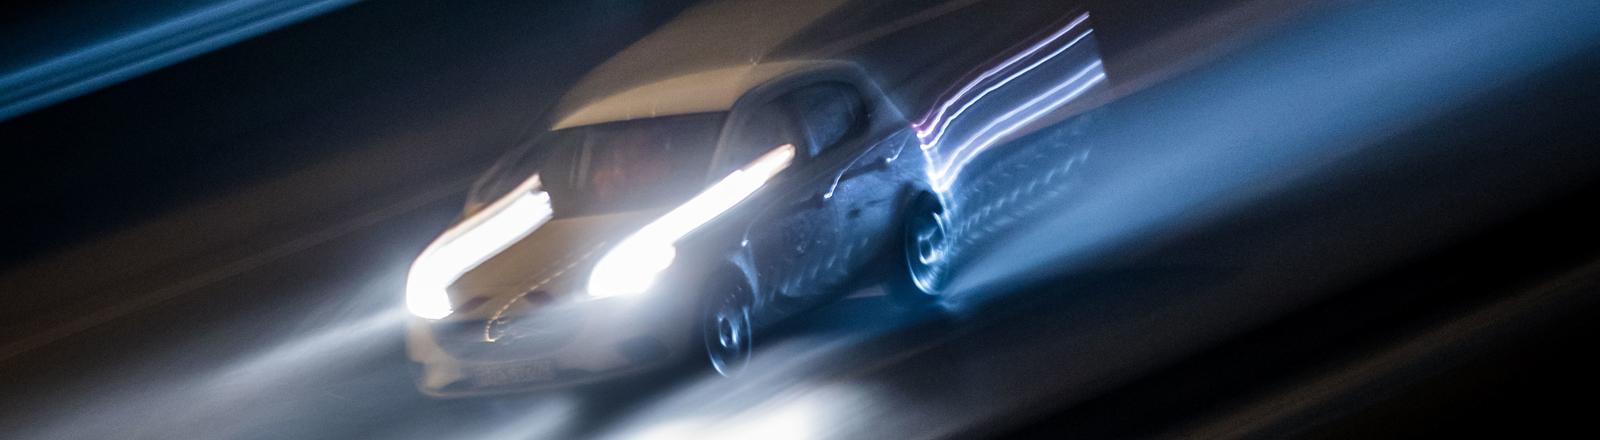 Ein Auto bei Nacht mit Schweinwerferlicht, verschwommen